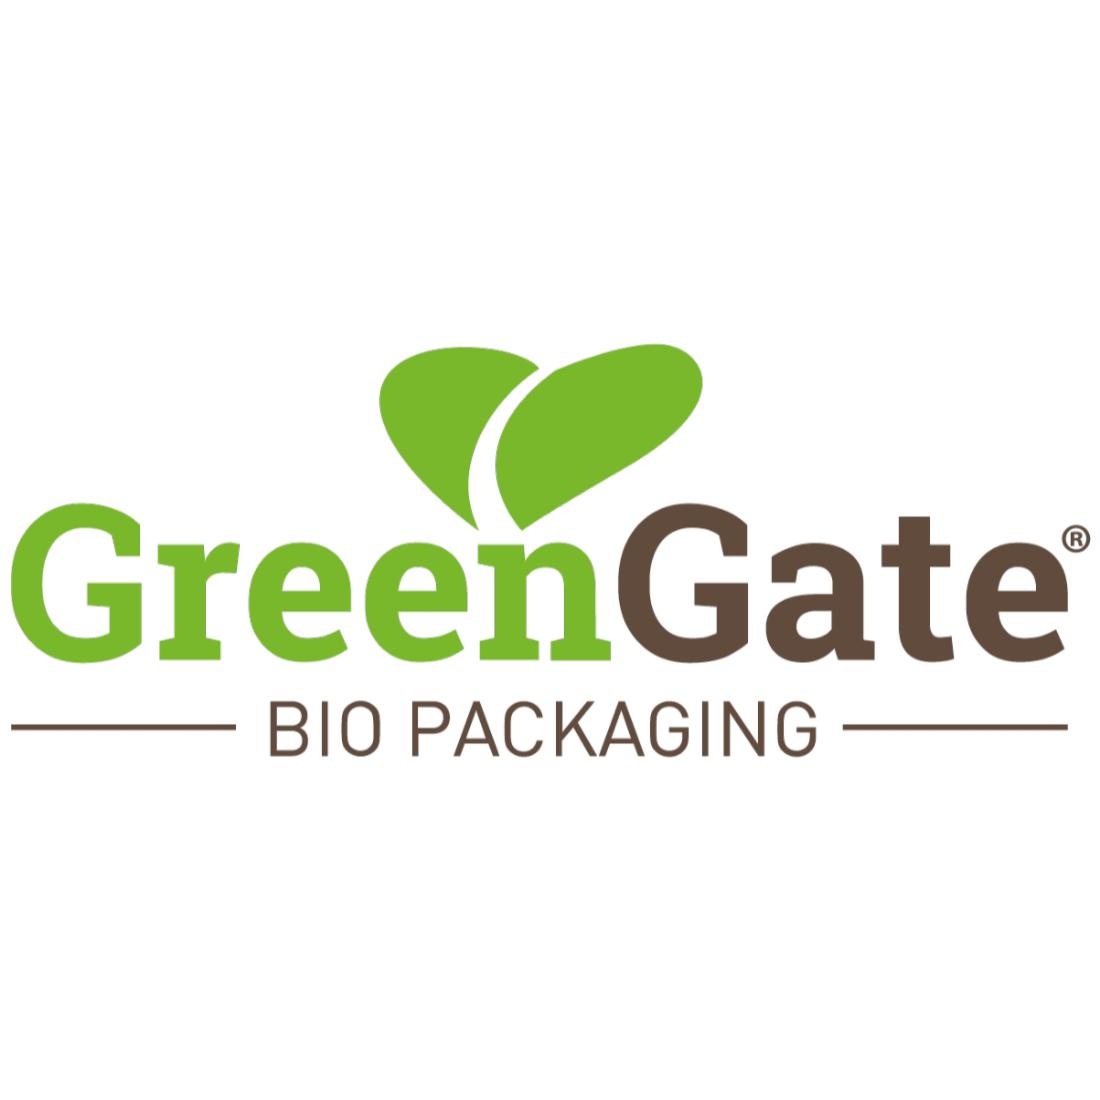 BioGreenGate